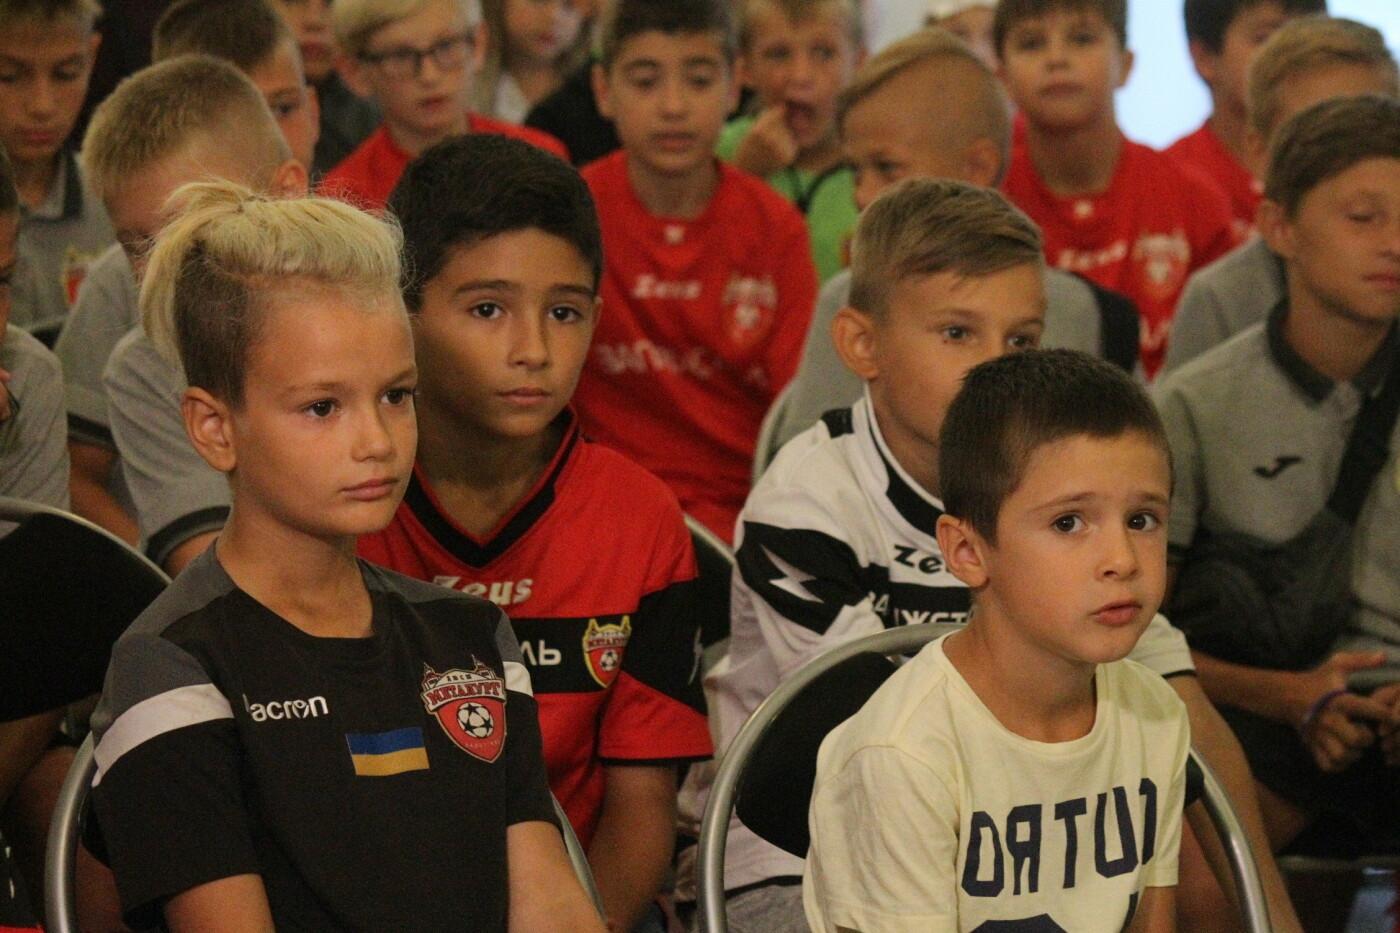 В туристическом центре прошла встреча с чемпионом мира по футболу, – ФОТО, фото-3